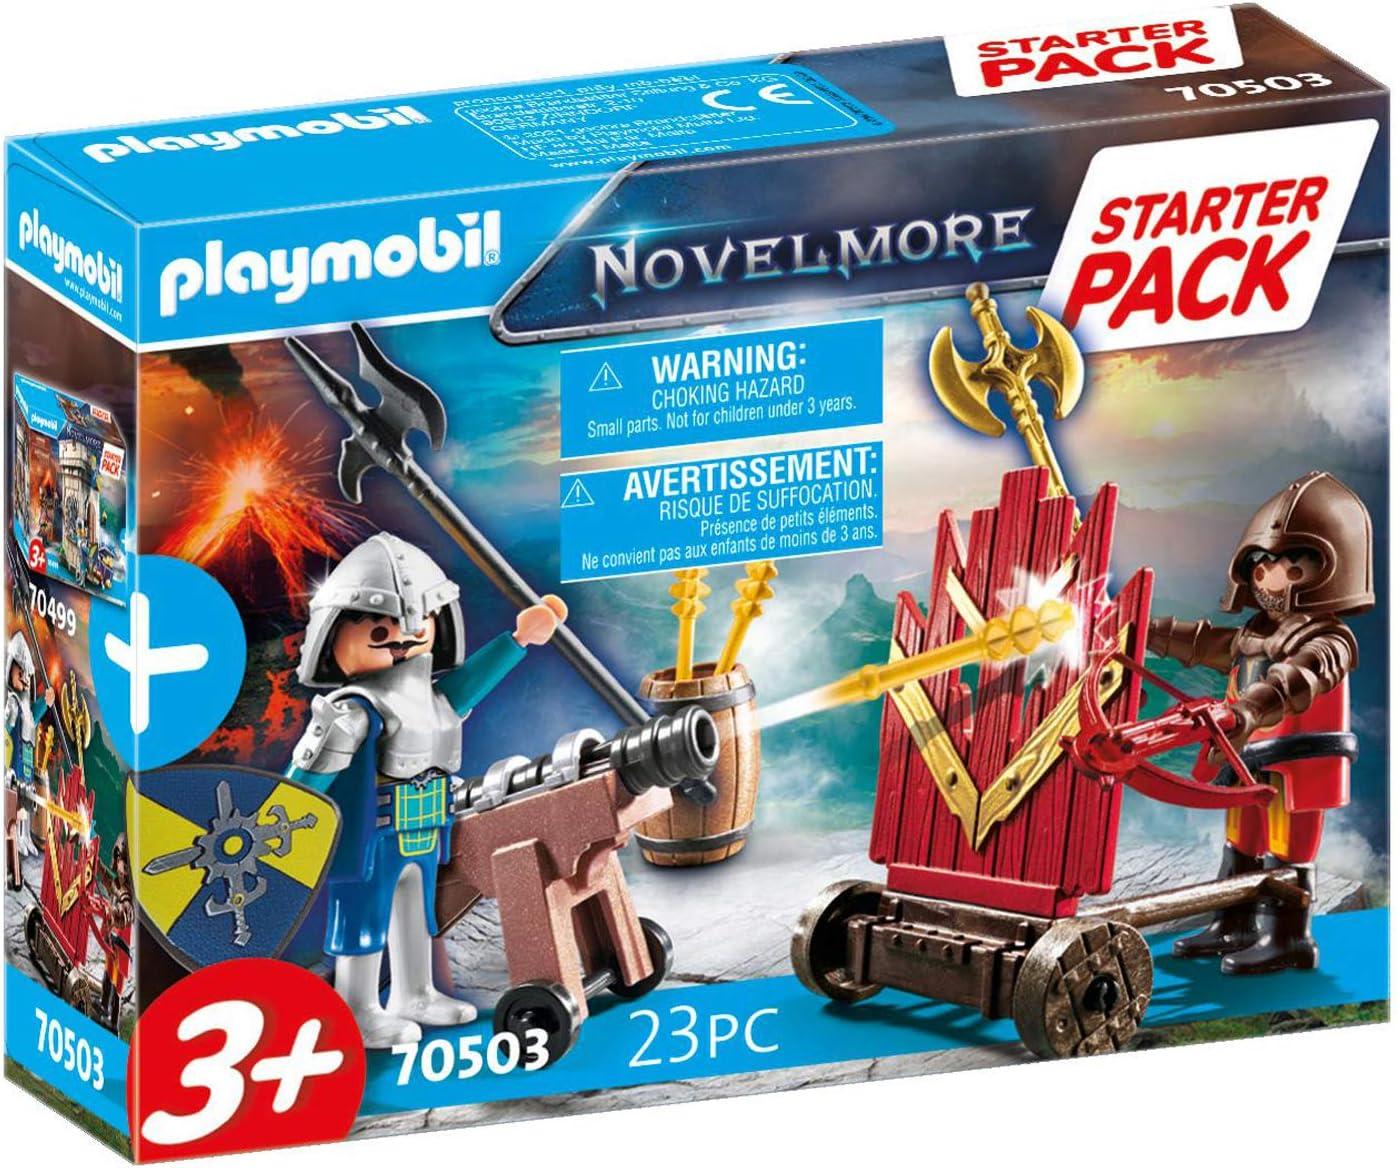 PLAYMOBIL Novelmore 70503 Novelmore Set Adicional, para niños a Partir de 3 años